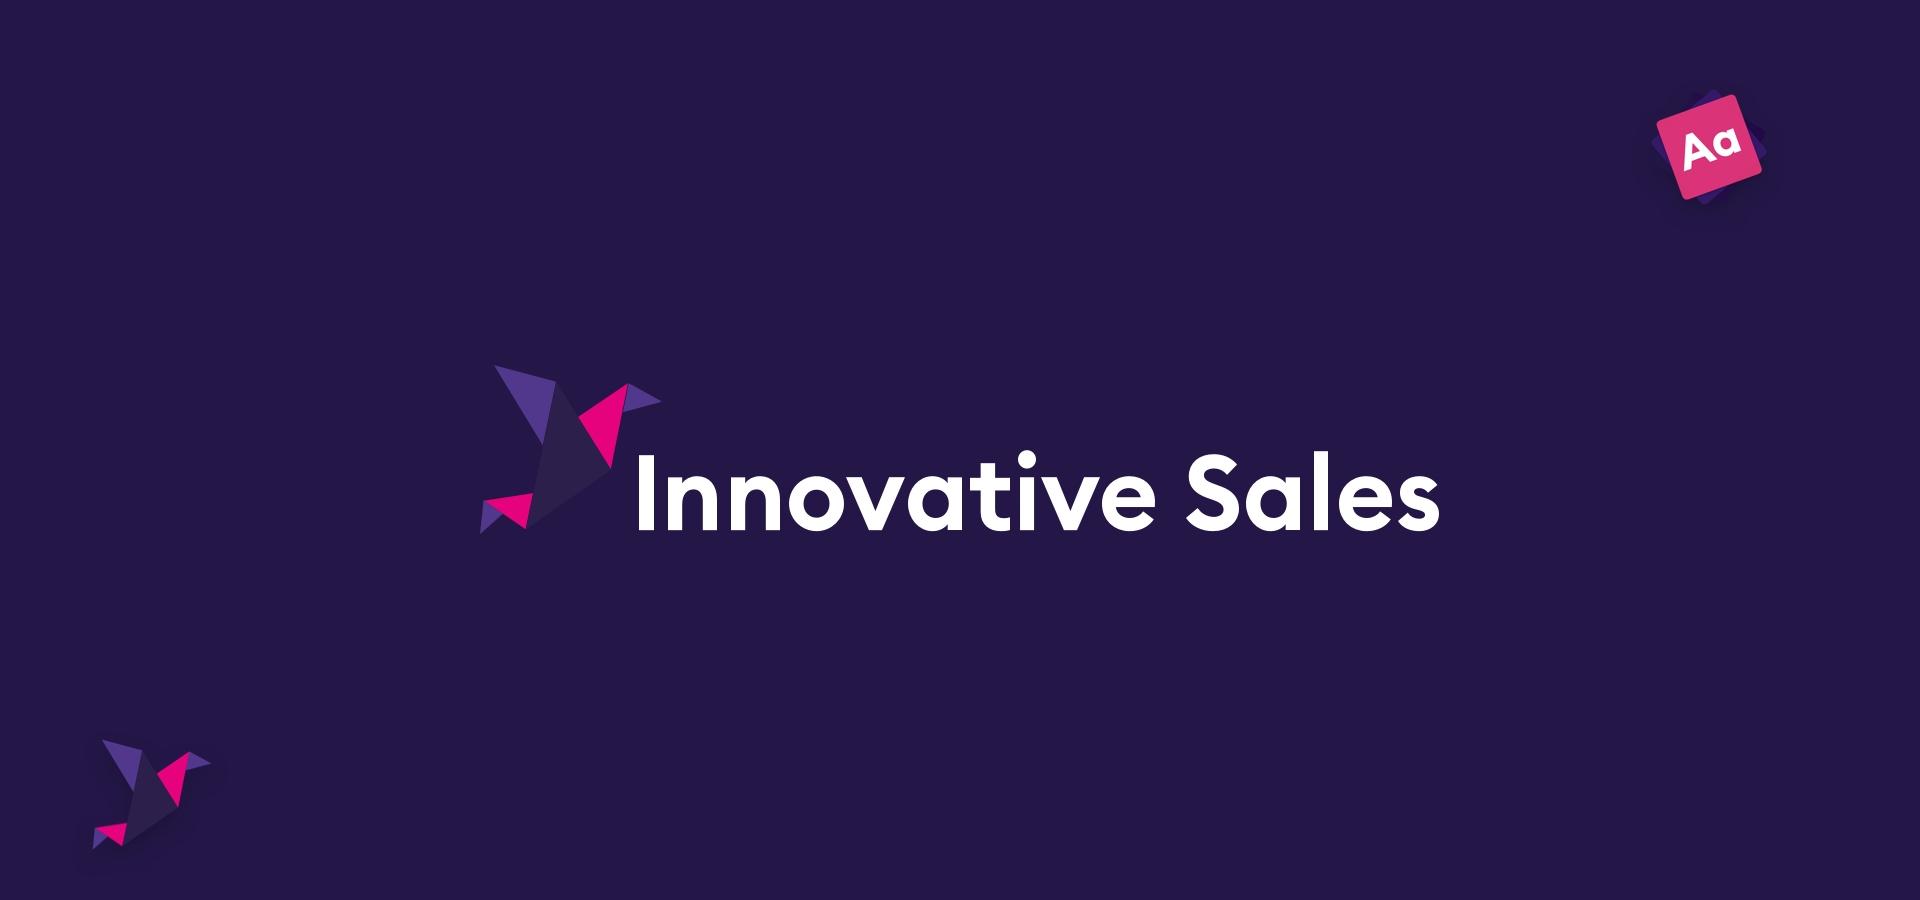 digital marknadsföring rekrytering